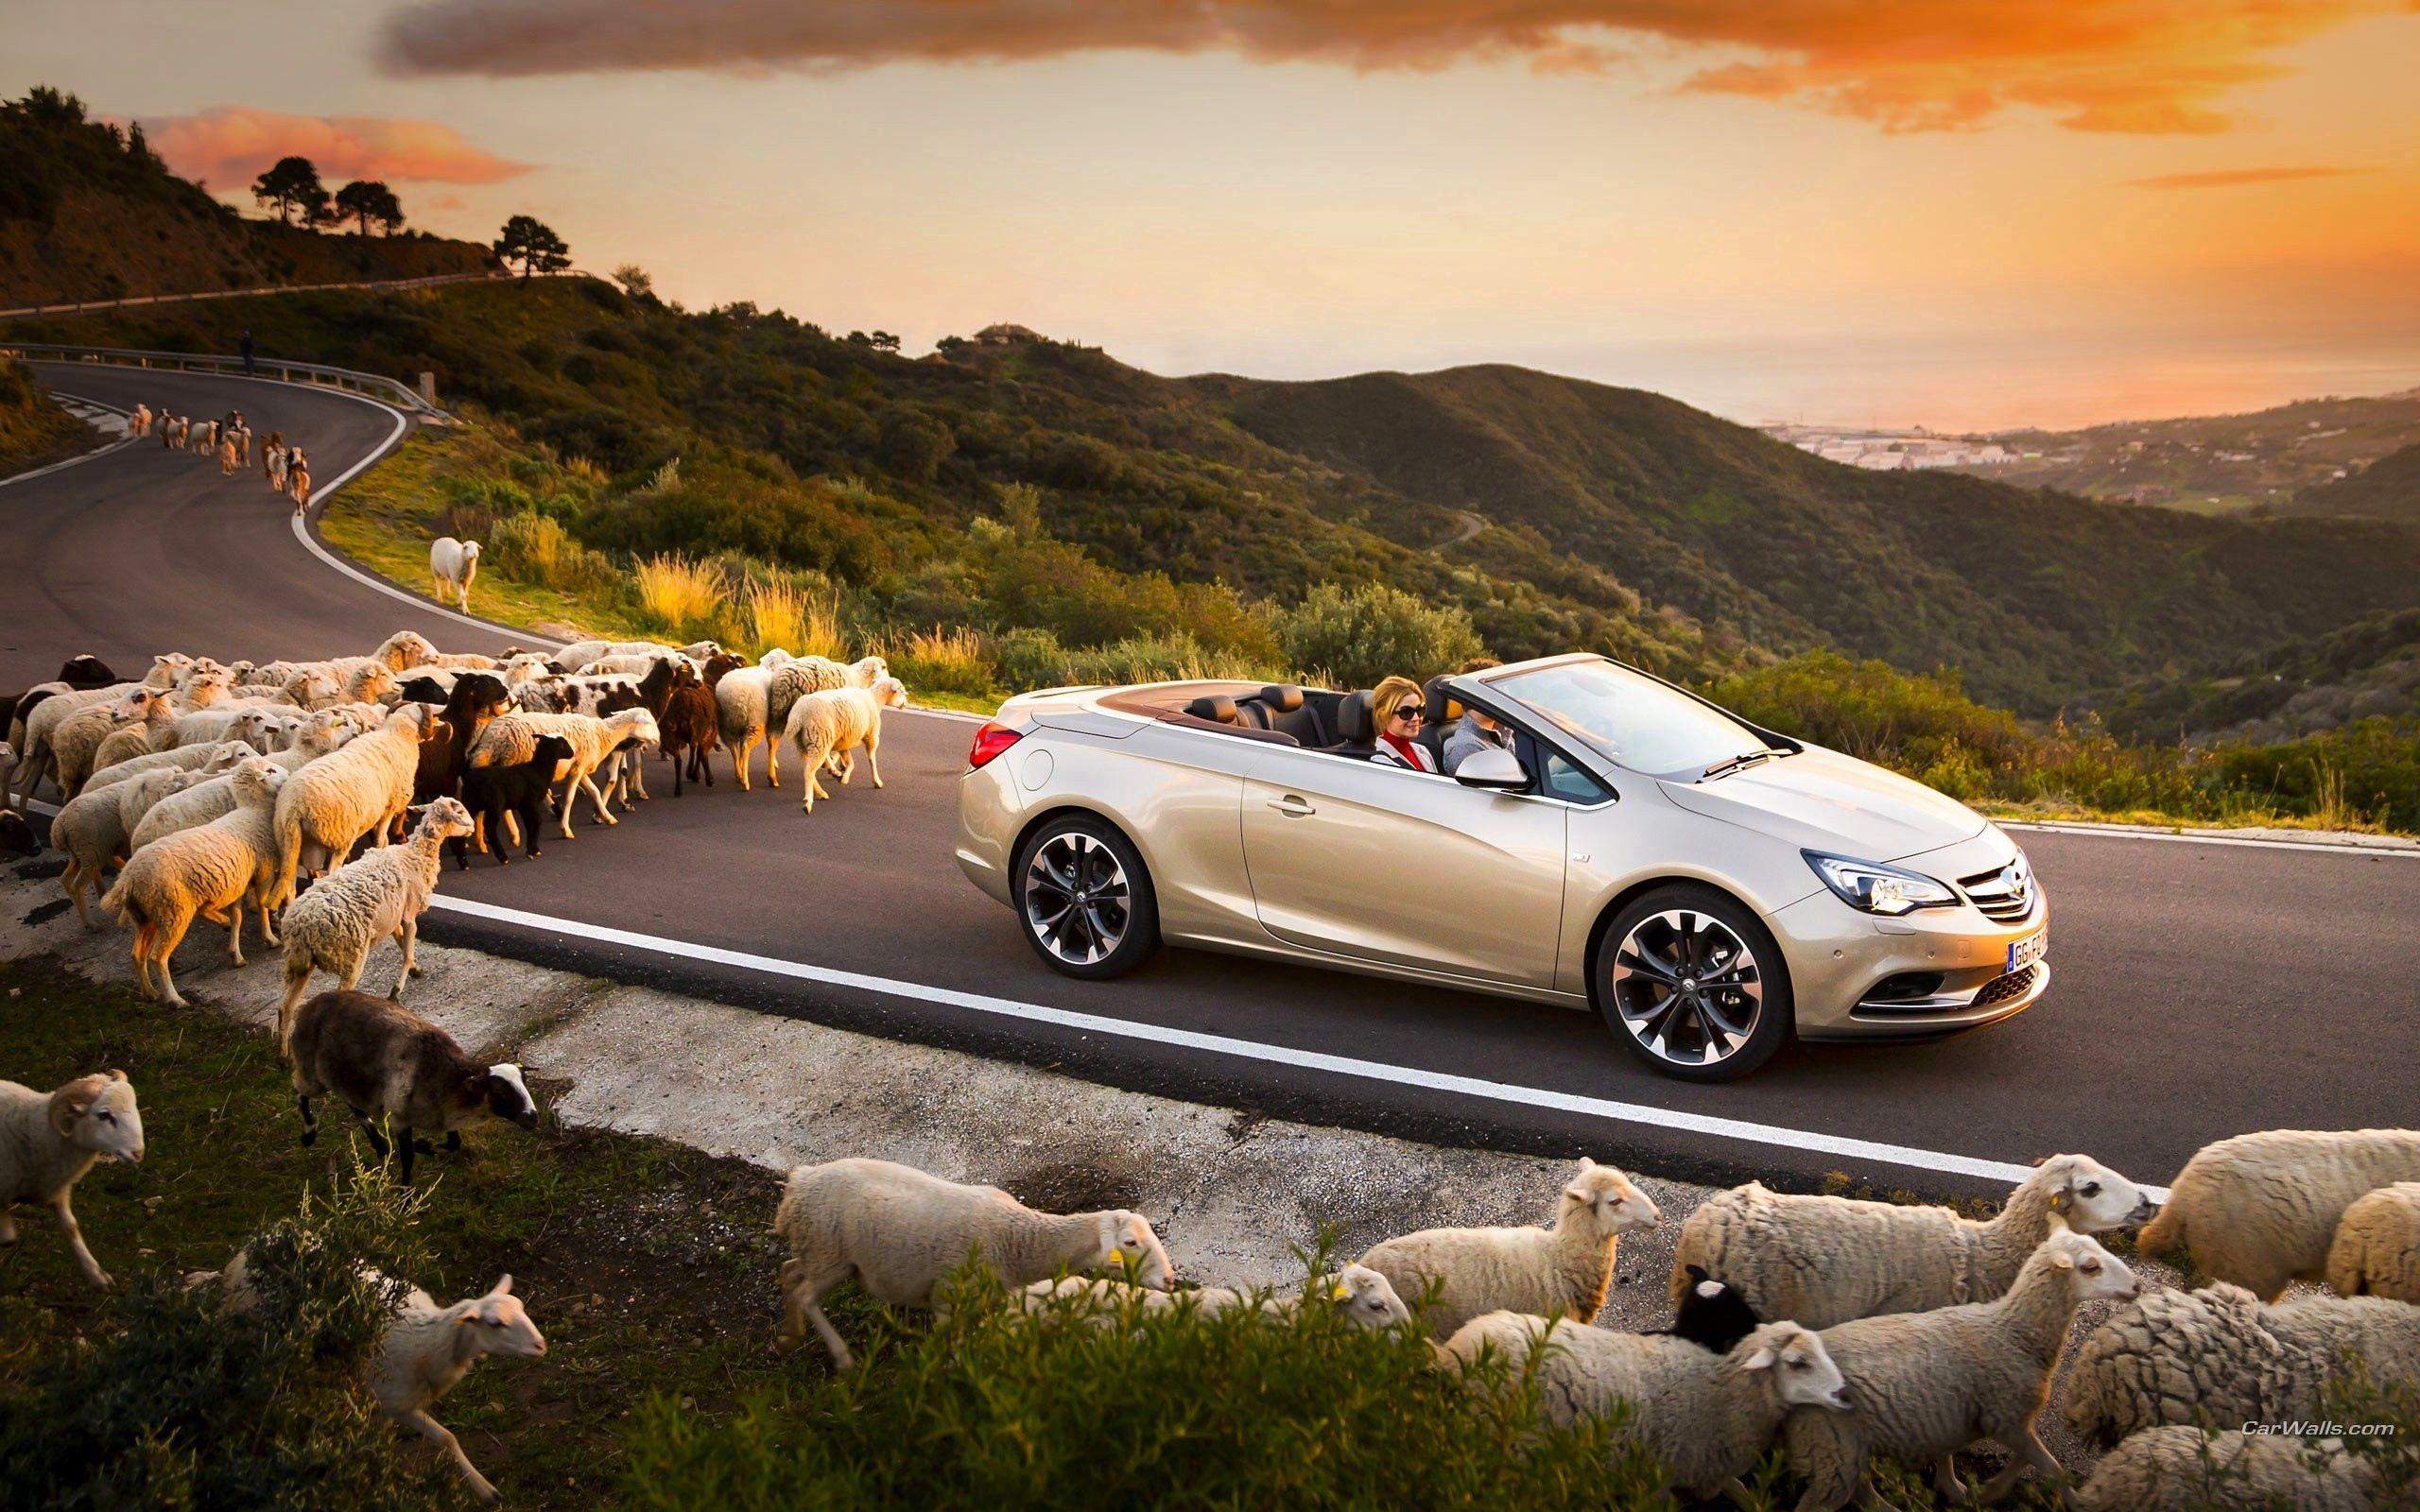 58548 Hintergrundbild herunterladen Auto, Sunset, Rams, Cars, Straße, Opel Kaskade, Opel Cascada - Bildschirmschoner und Bilder kostenlos